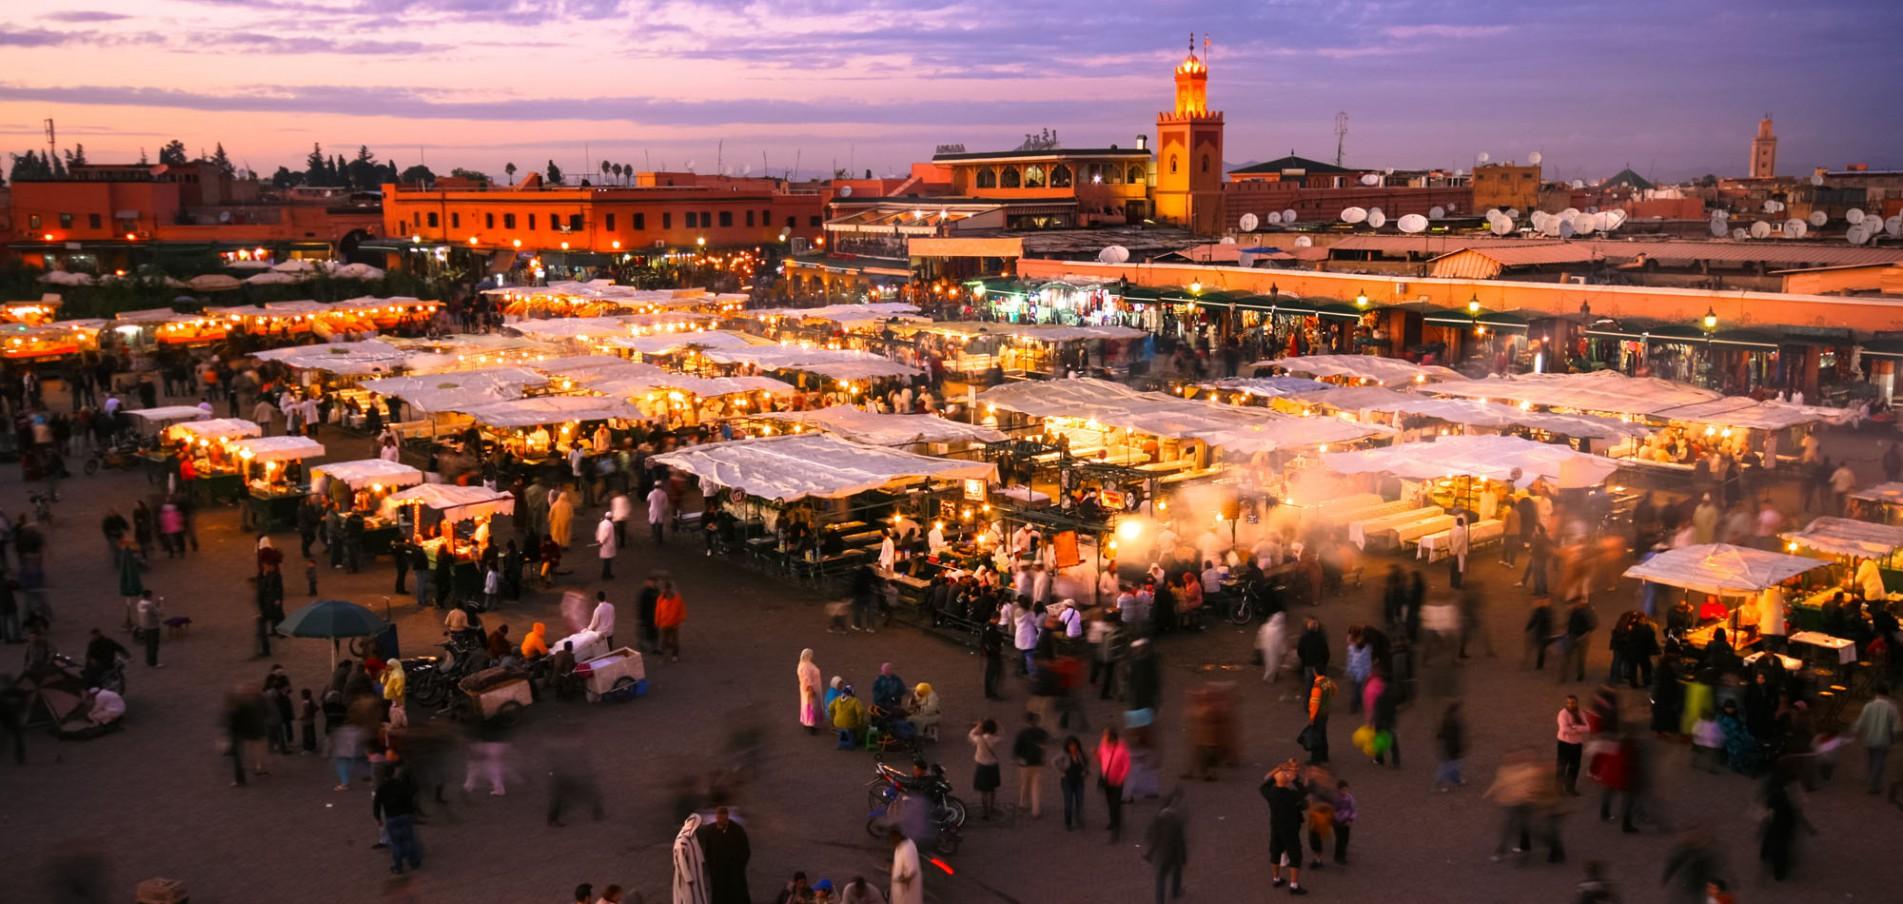 WILLKOMMEN IN MARRAKESCH ...Stadt der Berber, Gaukler und Wahrsager!